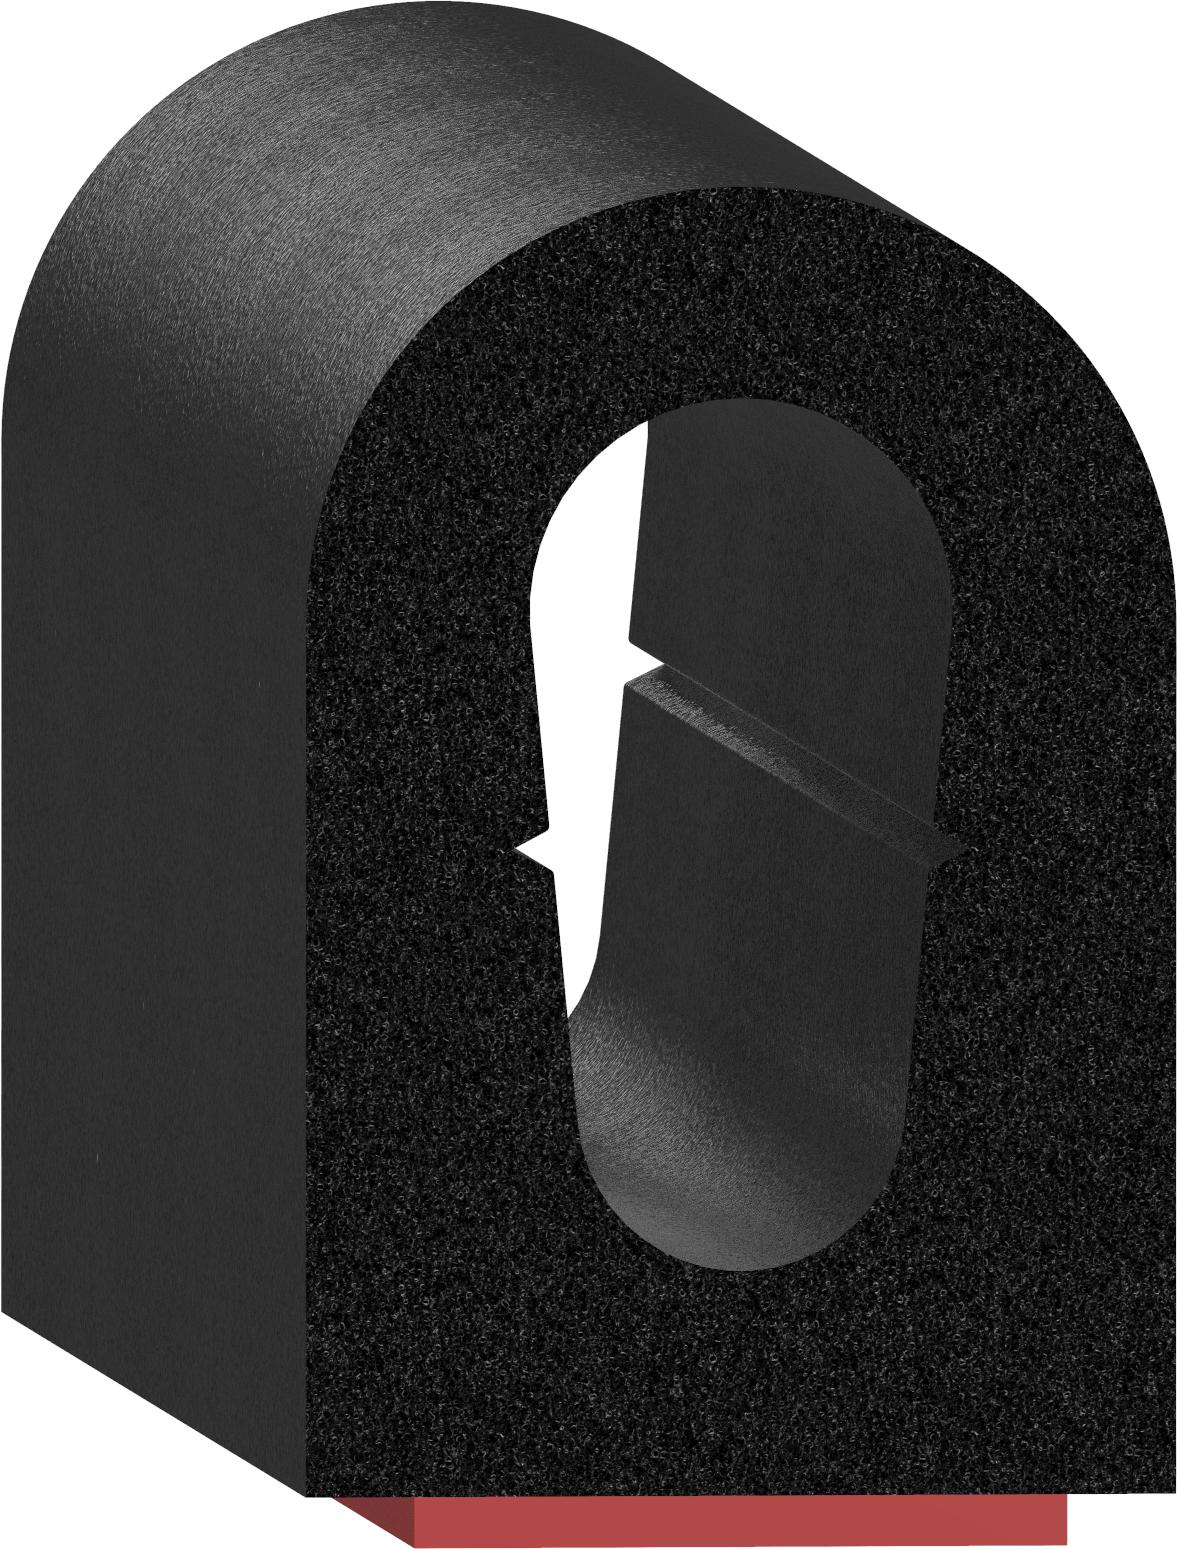 Uni-Grip part: SD-901-T